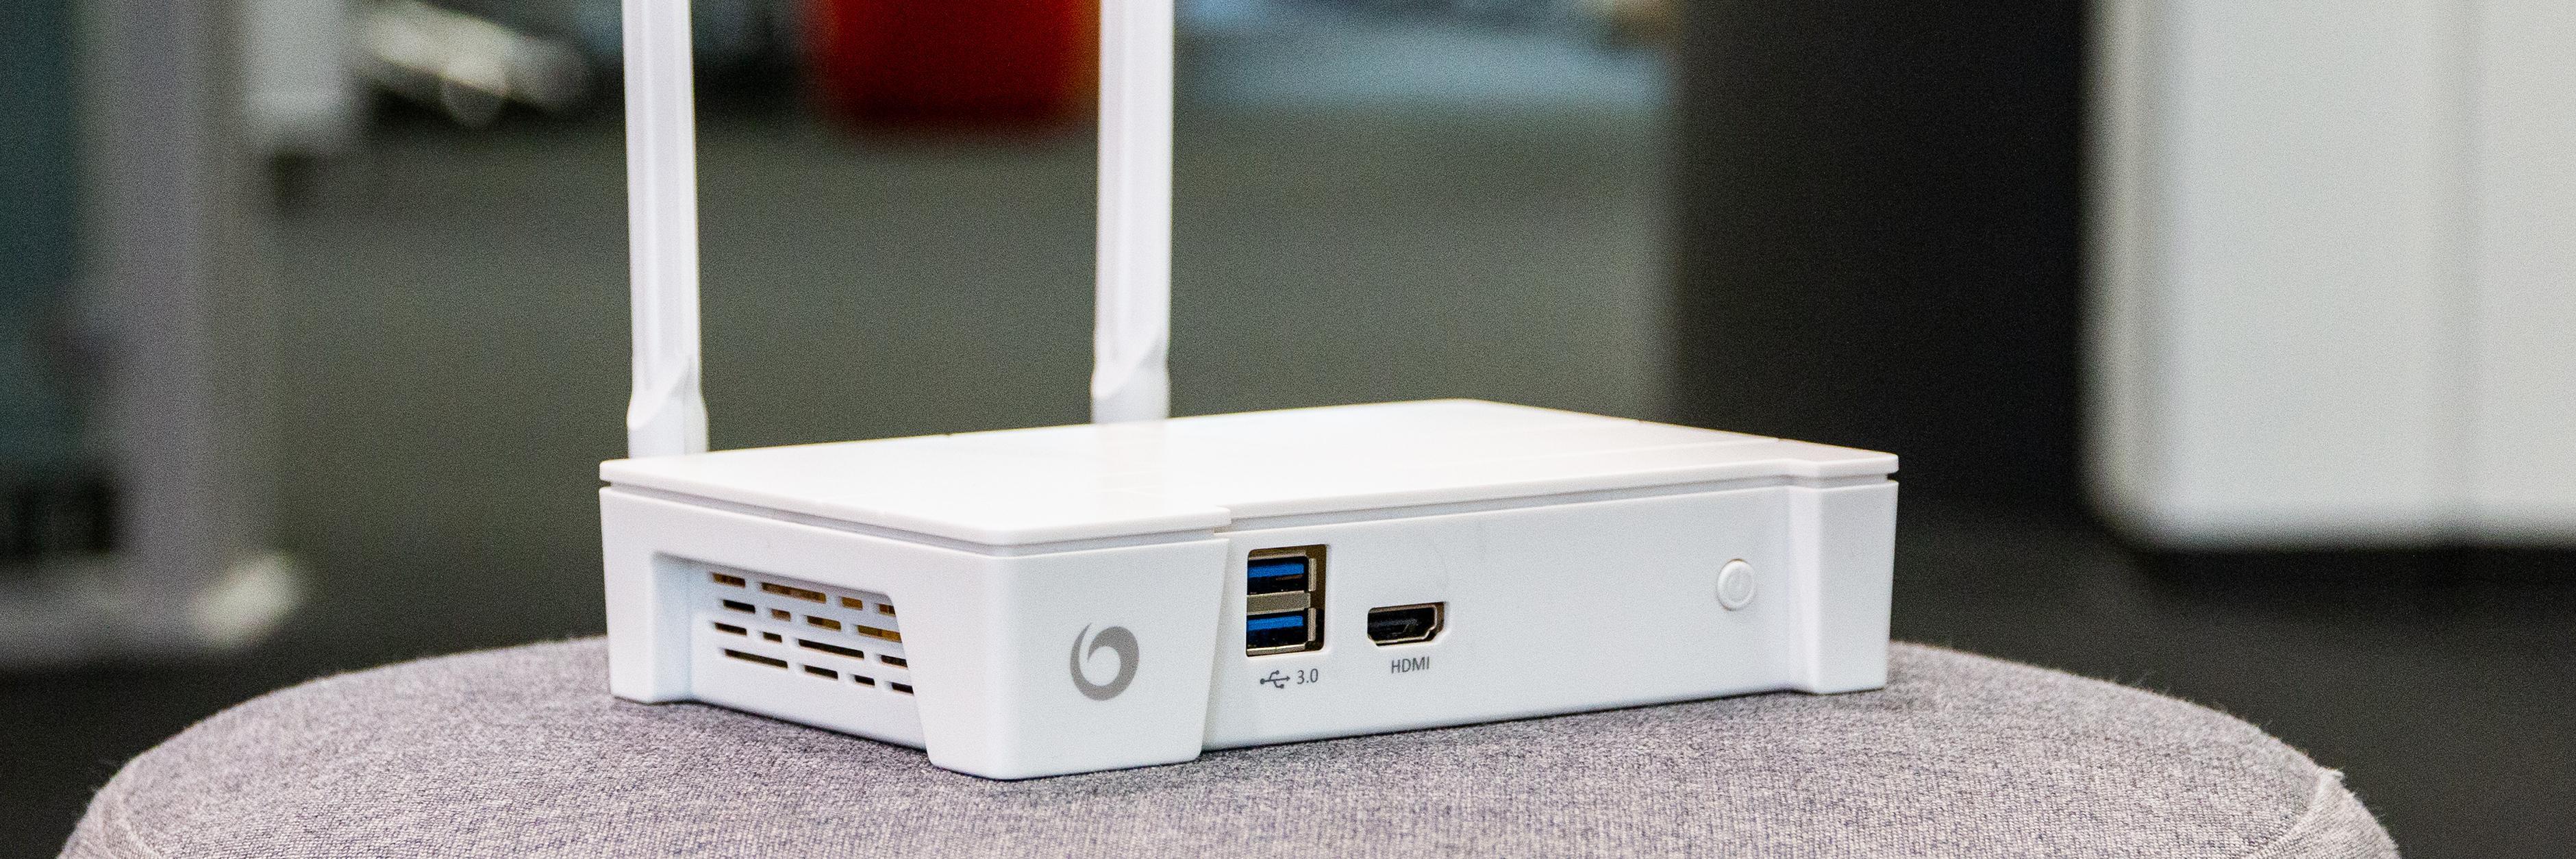 USB 3.0-portene kan ikke brukes for å dele innhold til andre enheter på nettverket.